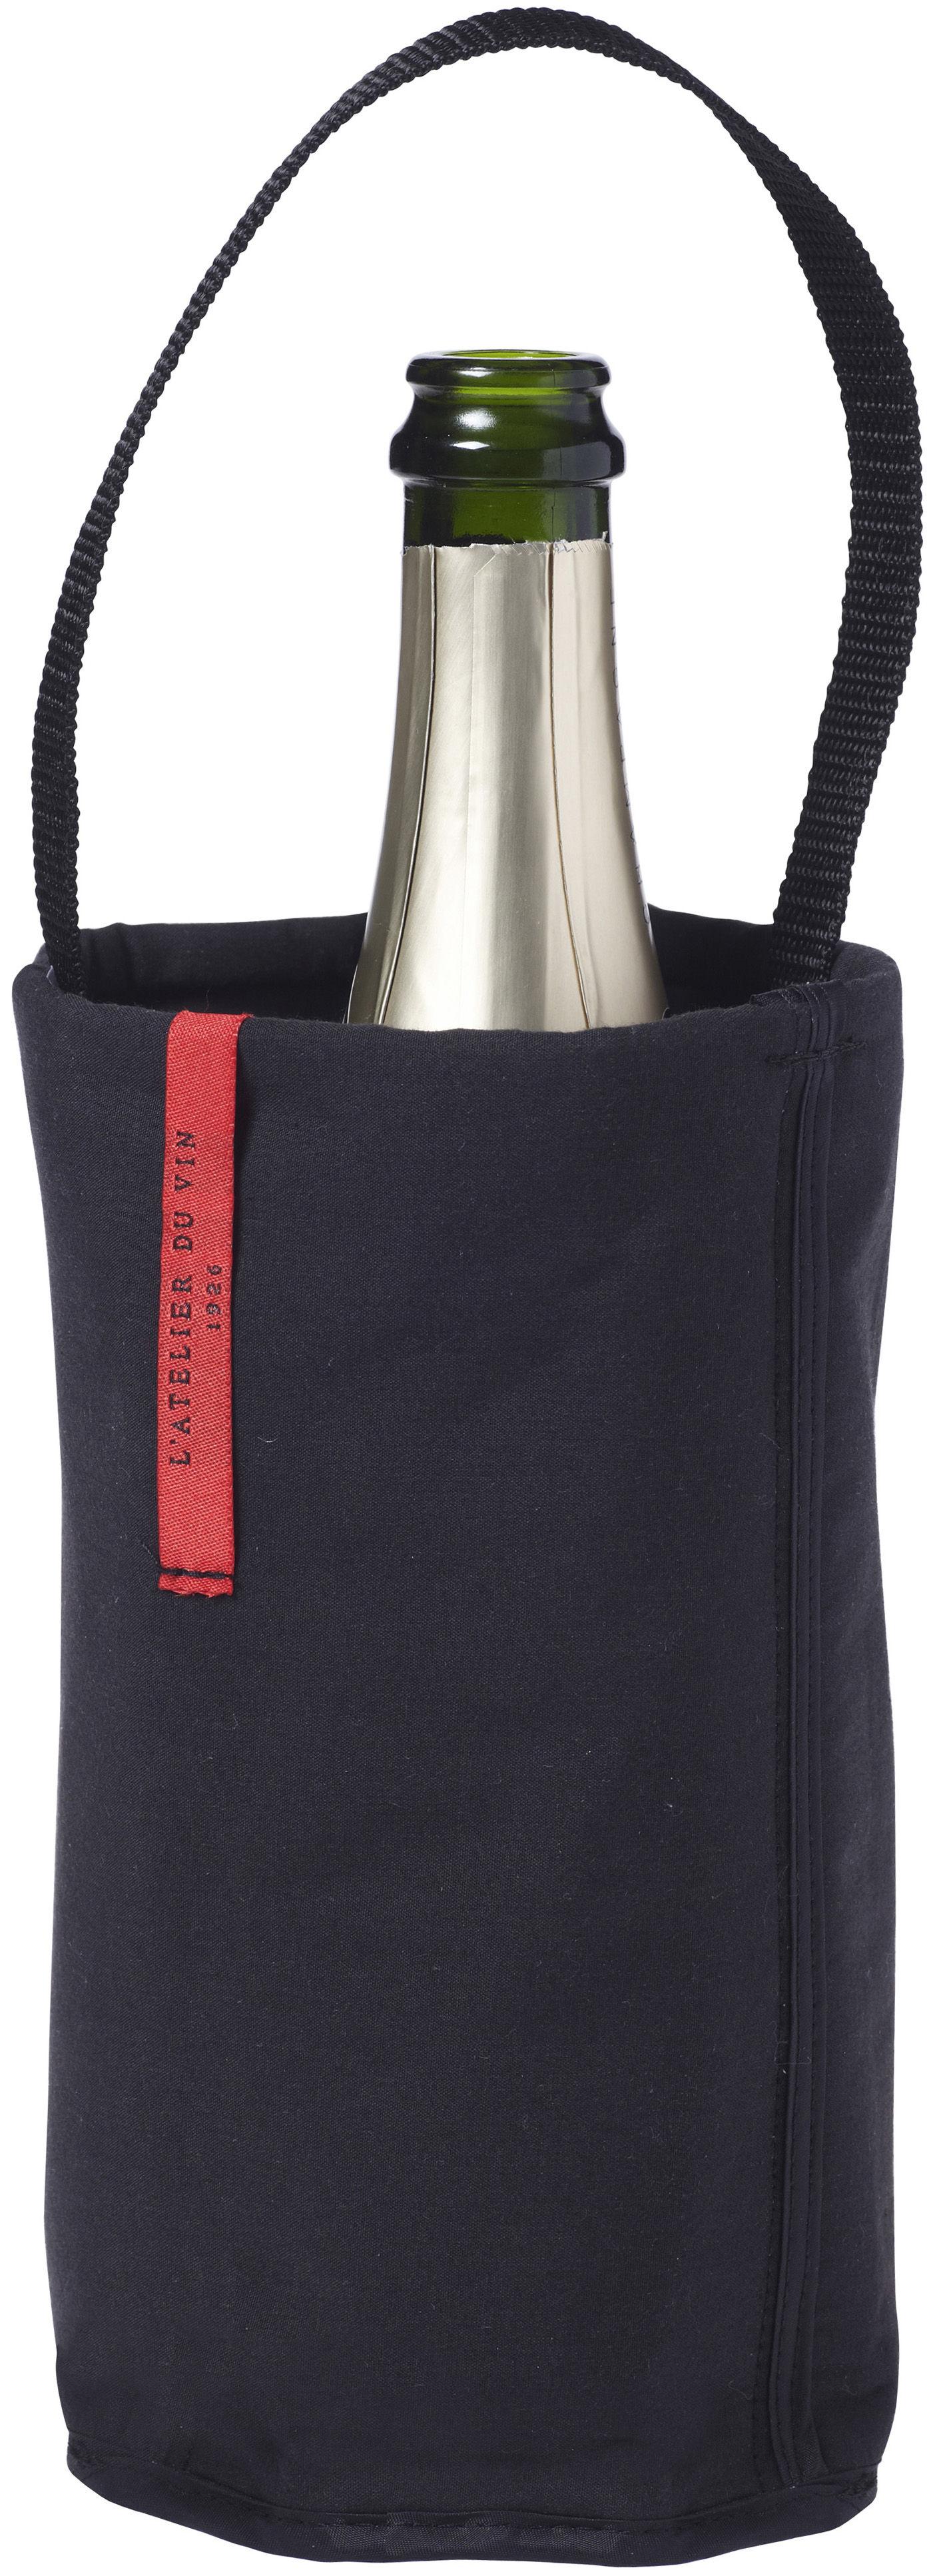 Tischkultur - Praktische Accessoires - Fresh Baladeur Flaschenkühler - L'Atelier du Vin - Schwarz - Baumwolle, Neopren, Polyesterfaser